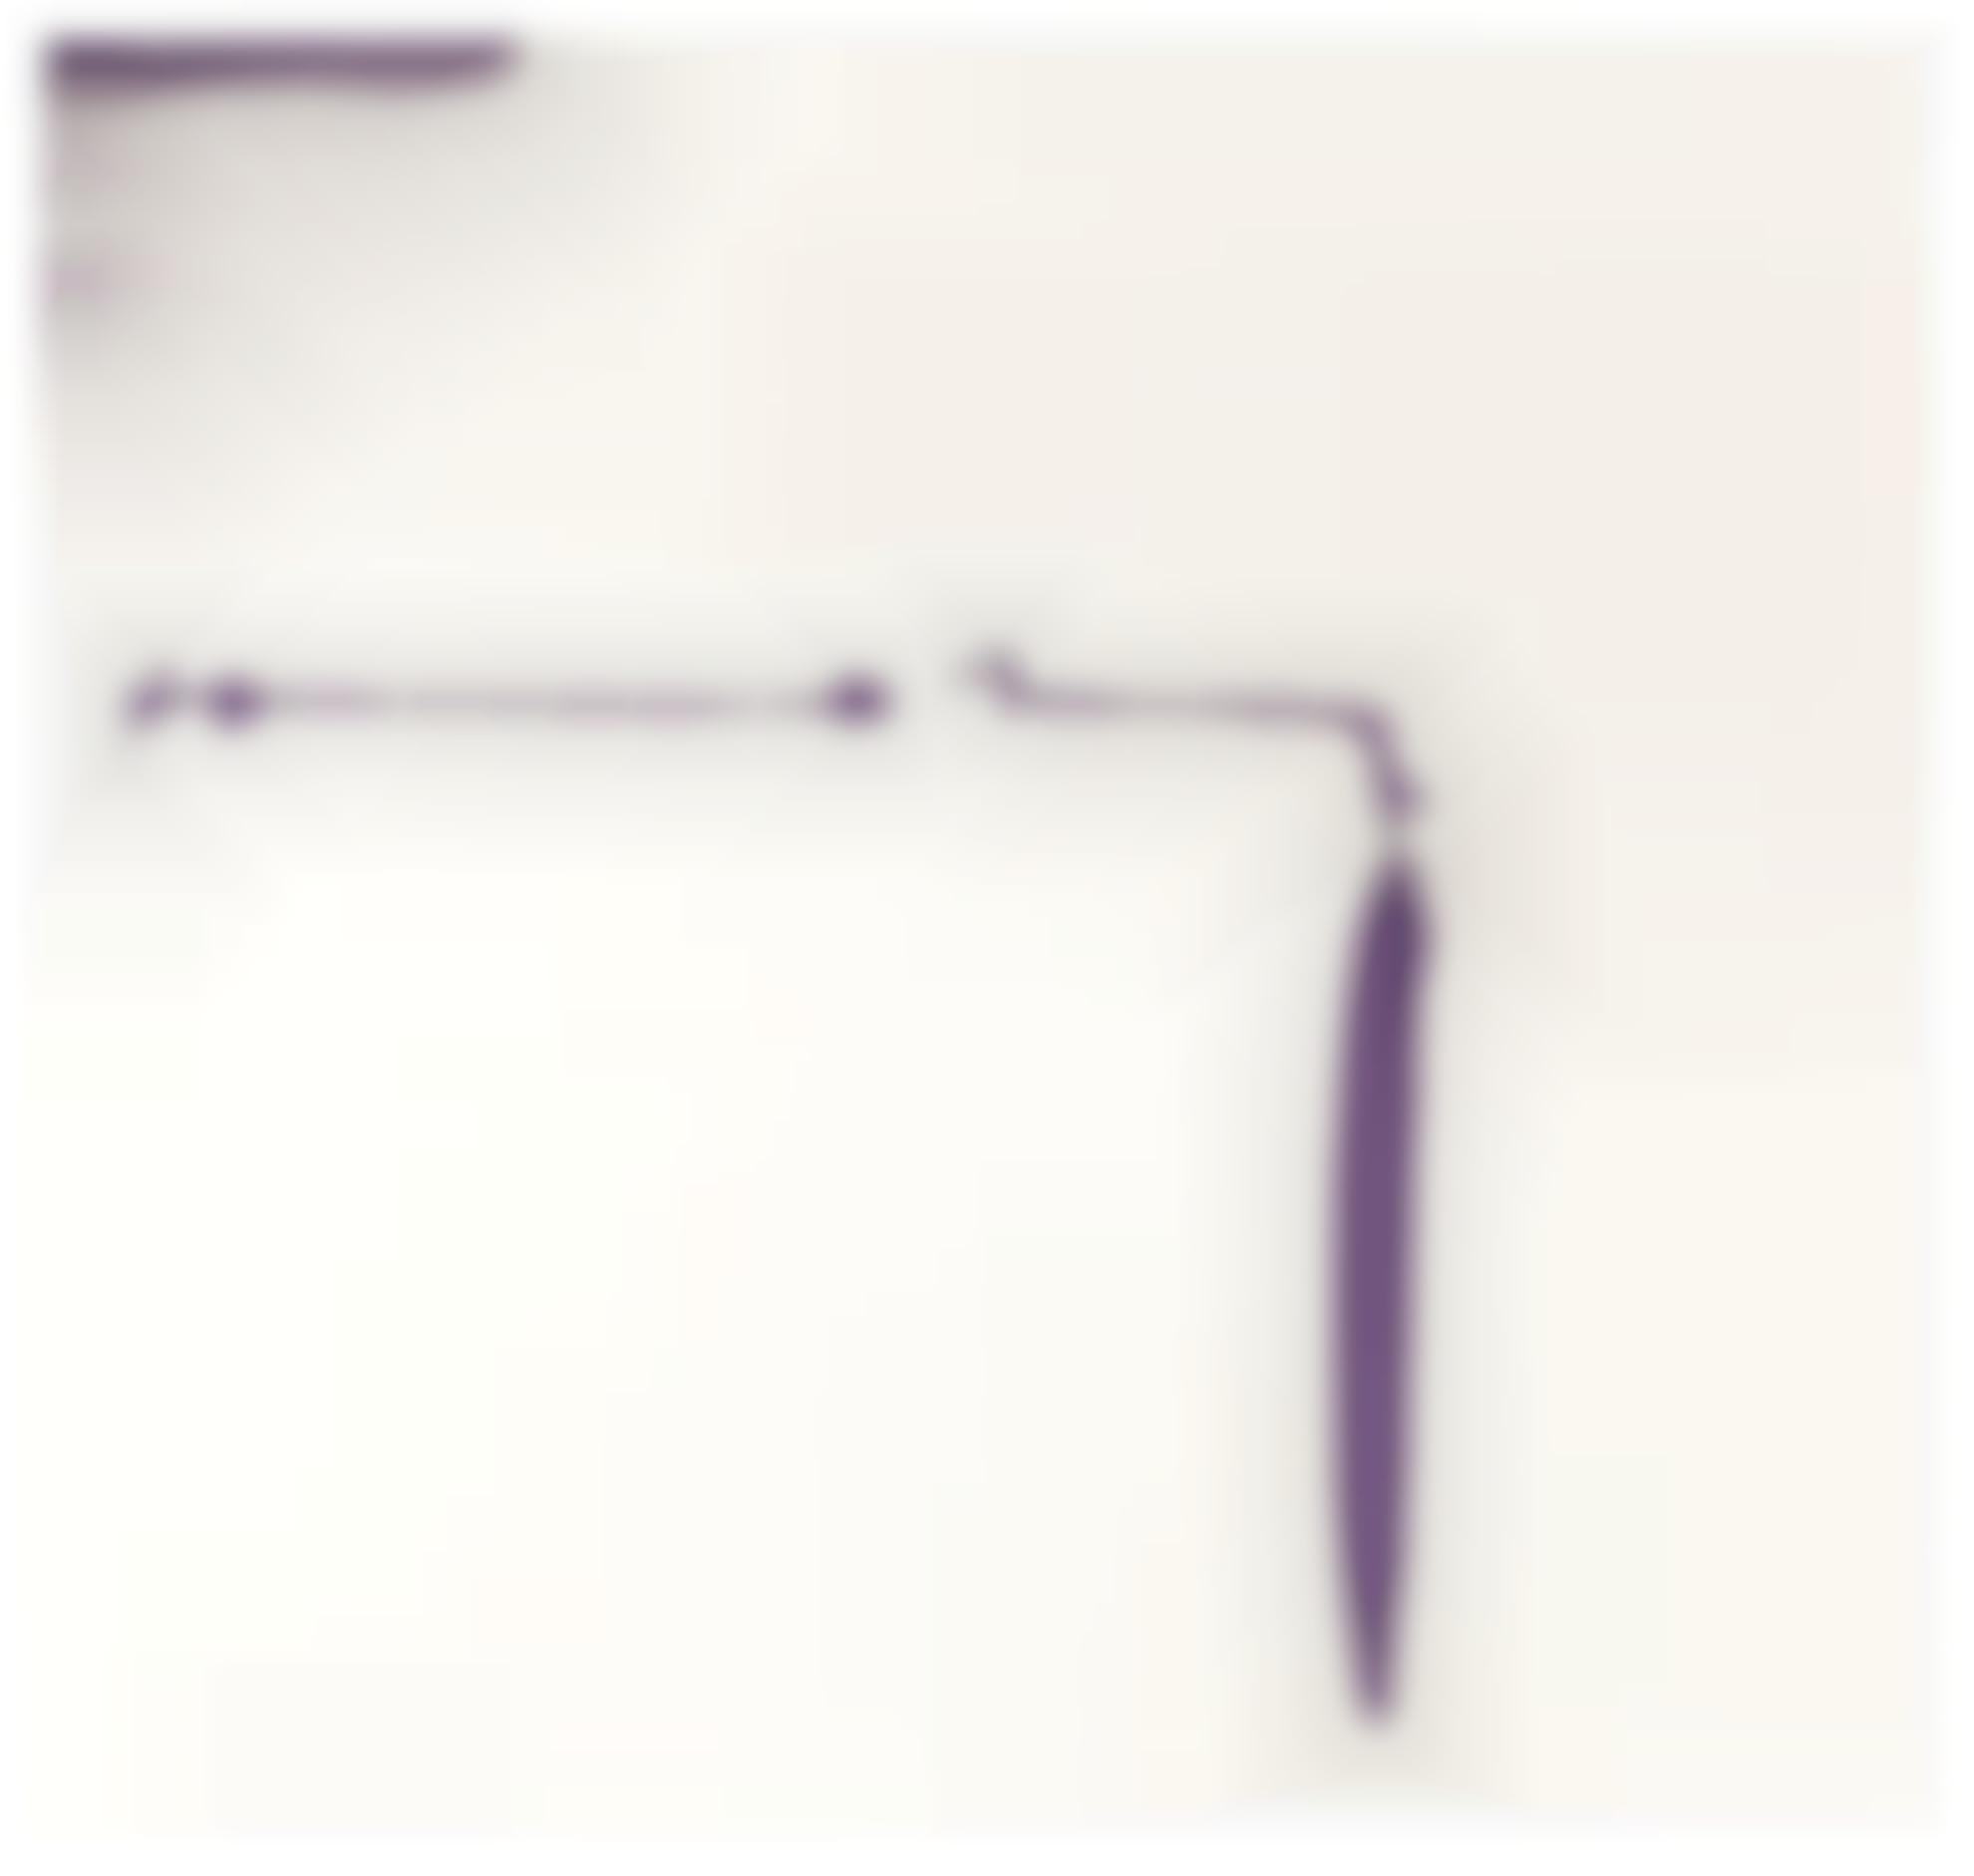 Jonathan Binet - Untitled-2012